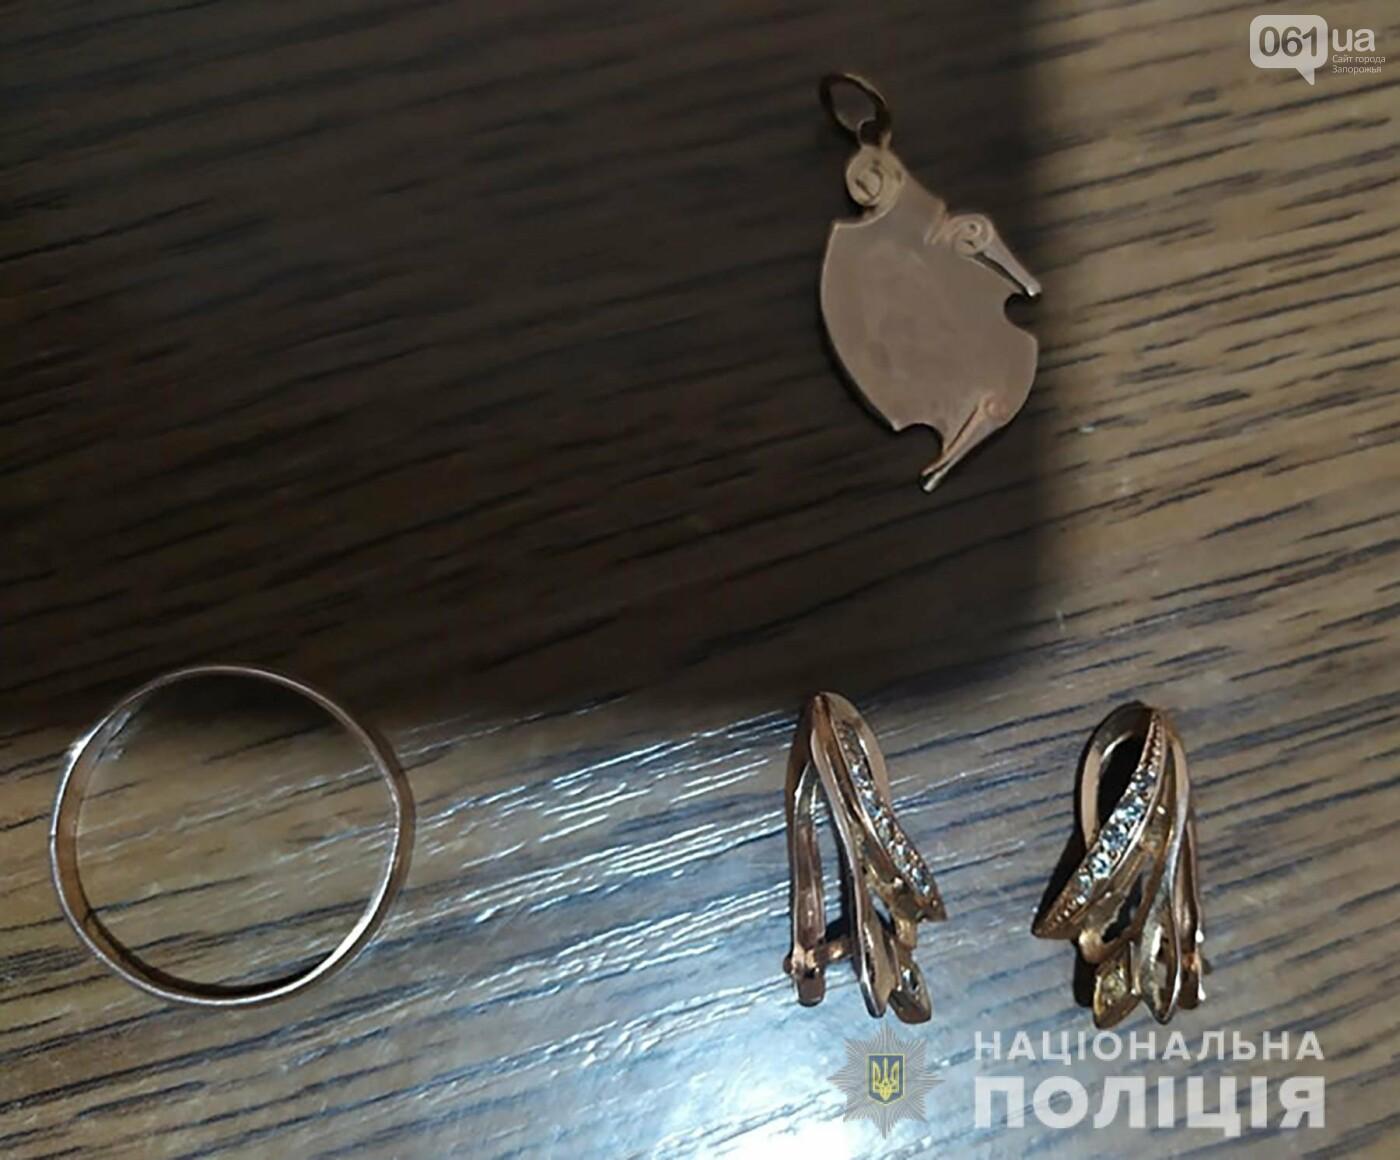 В Запорожской области задержали пару по подозрению в совершению квартирных краж, фото-2